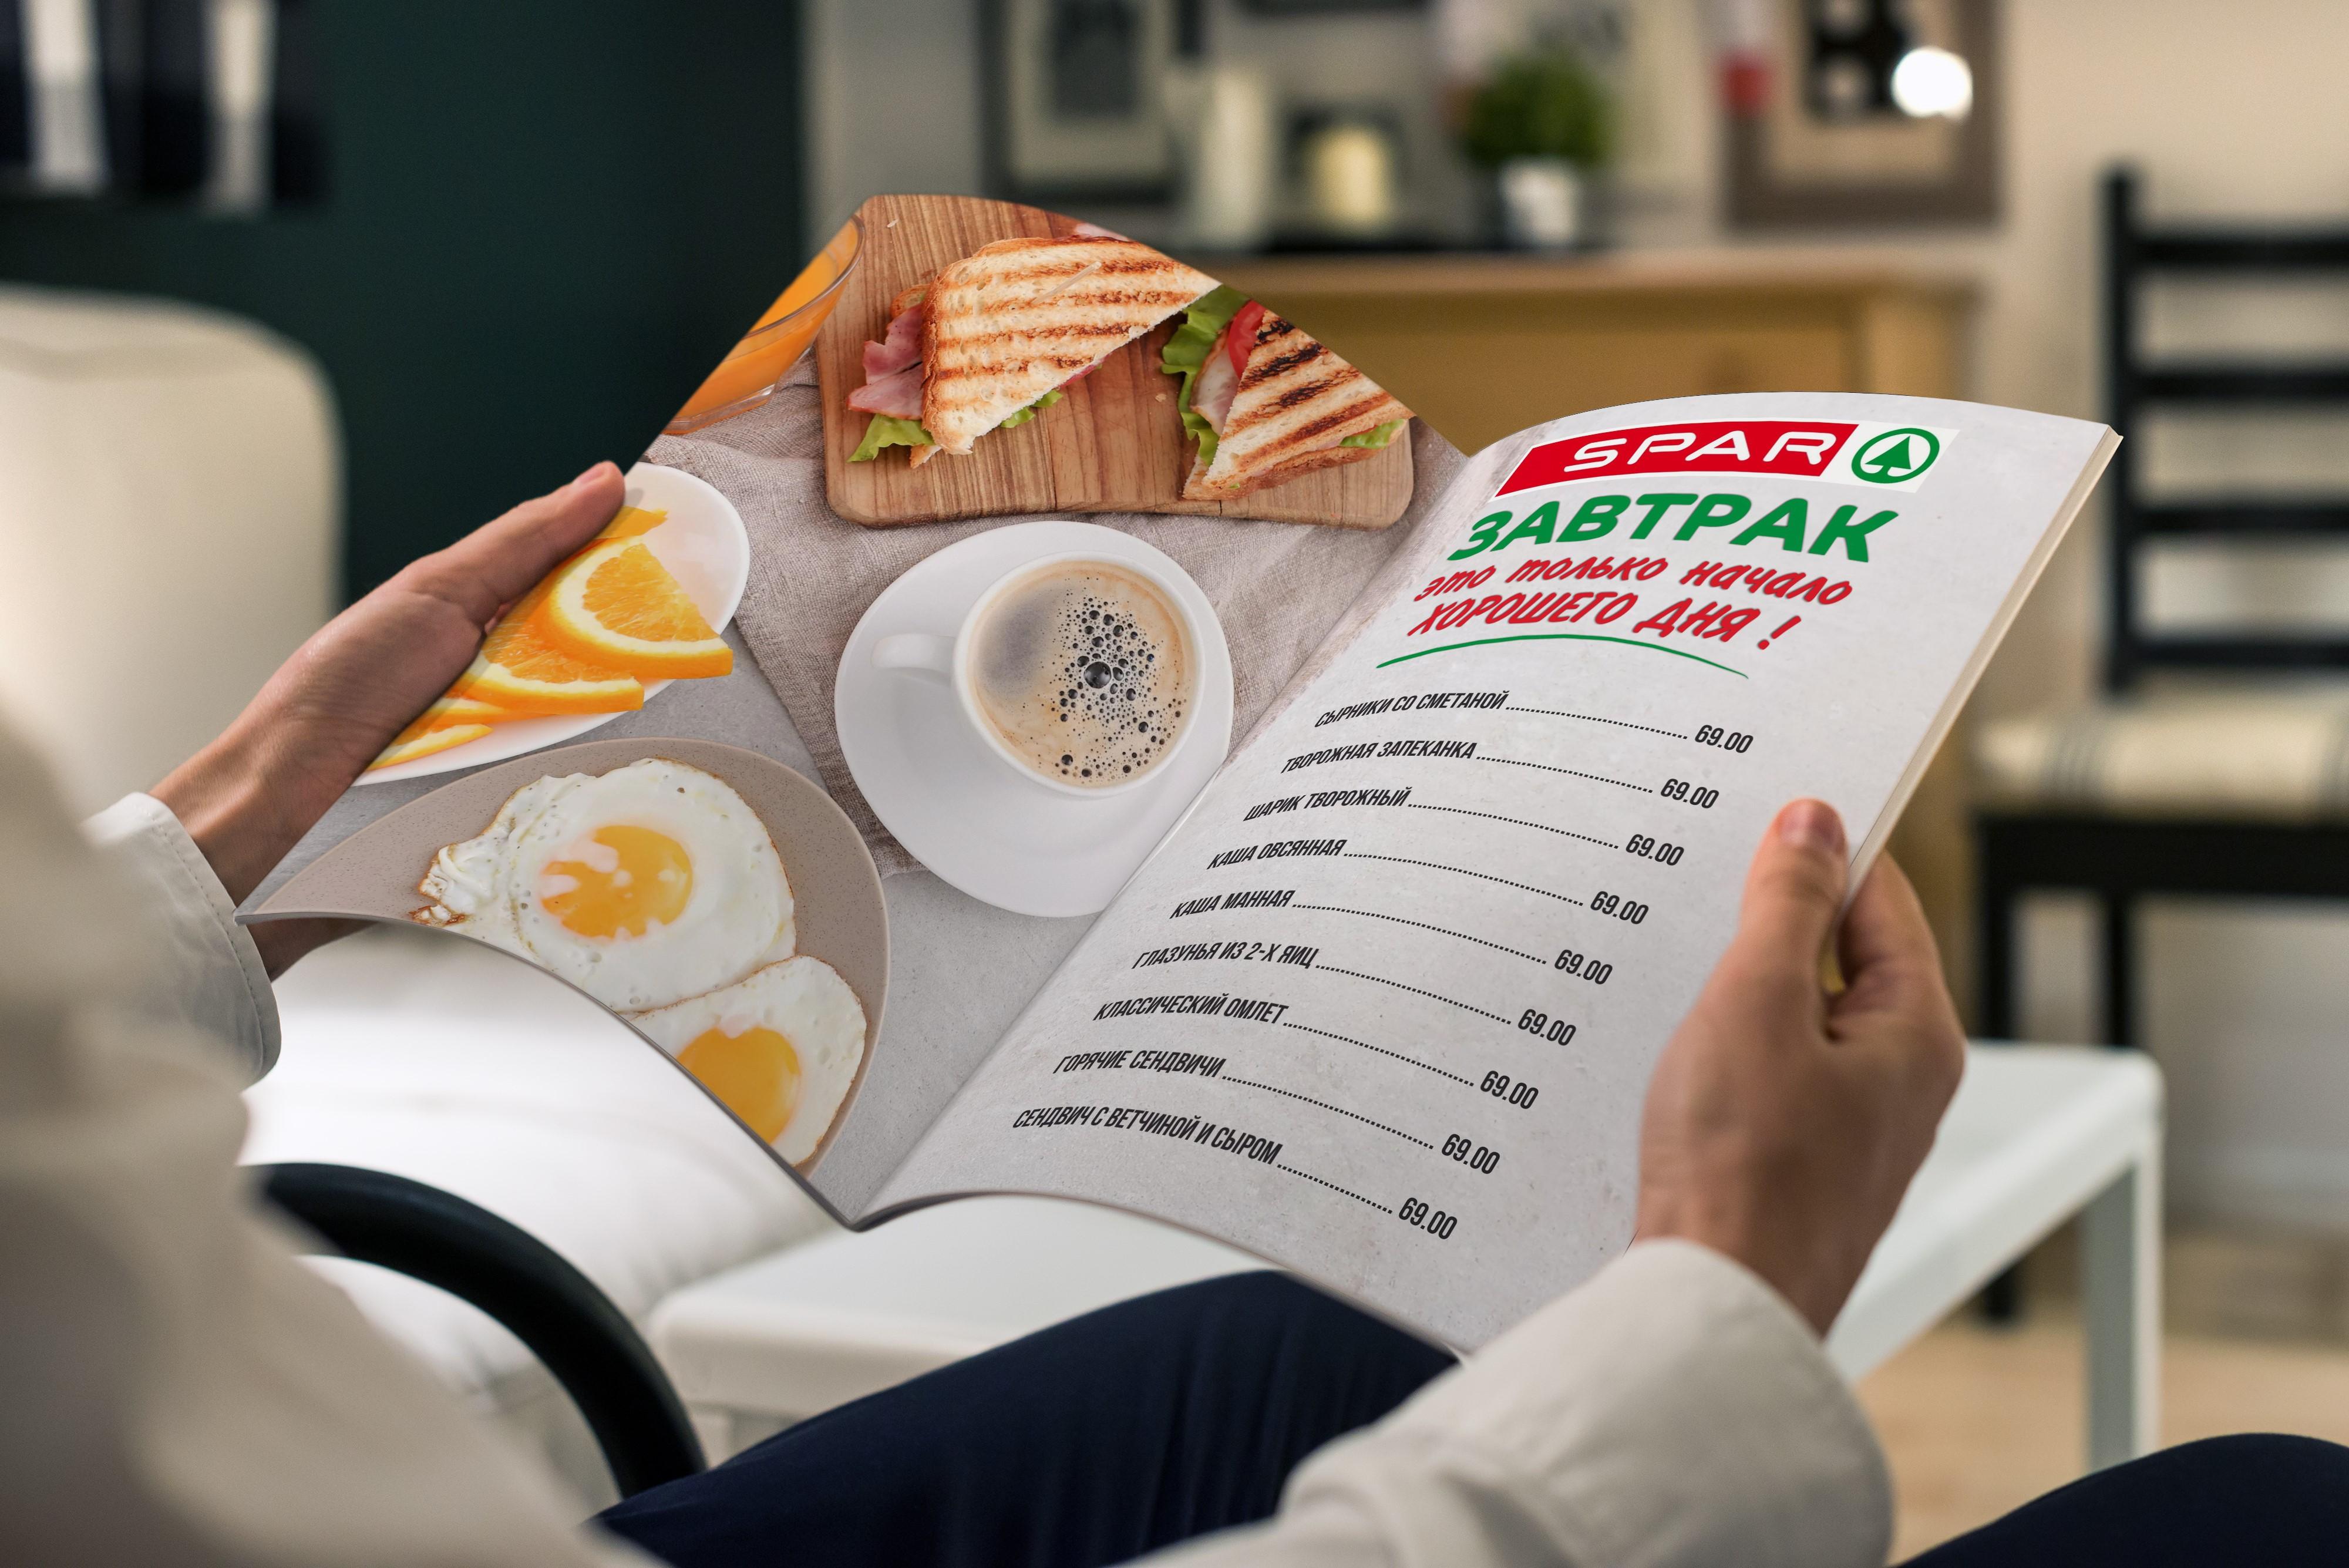 Дизайн листовки для магазина SPAR фото f_7635cb9b49bb0b8b.jpg